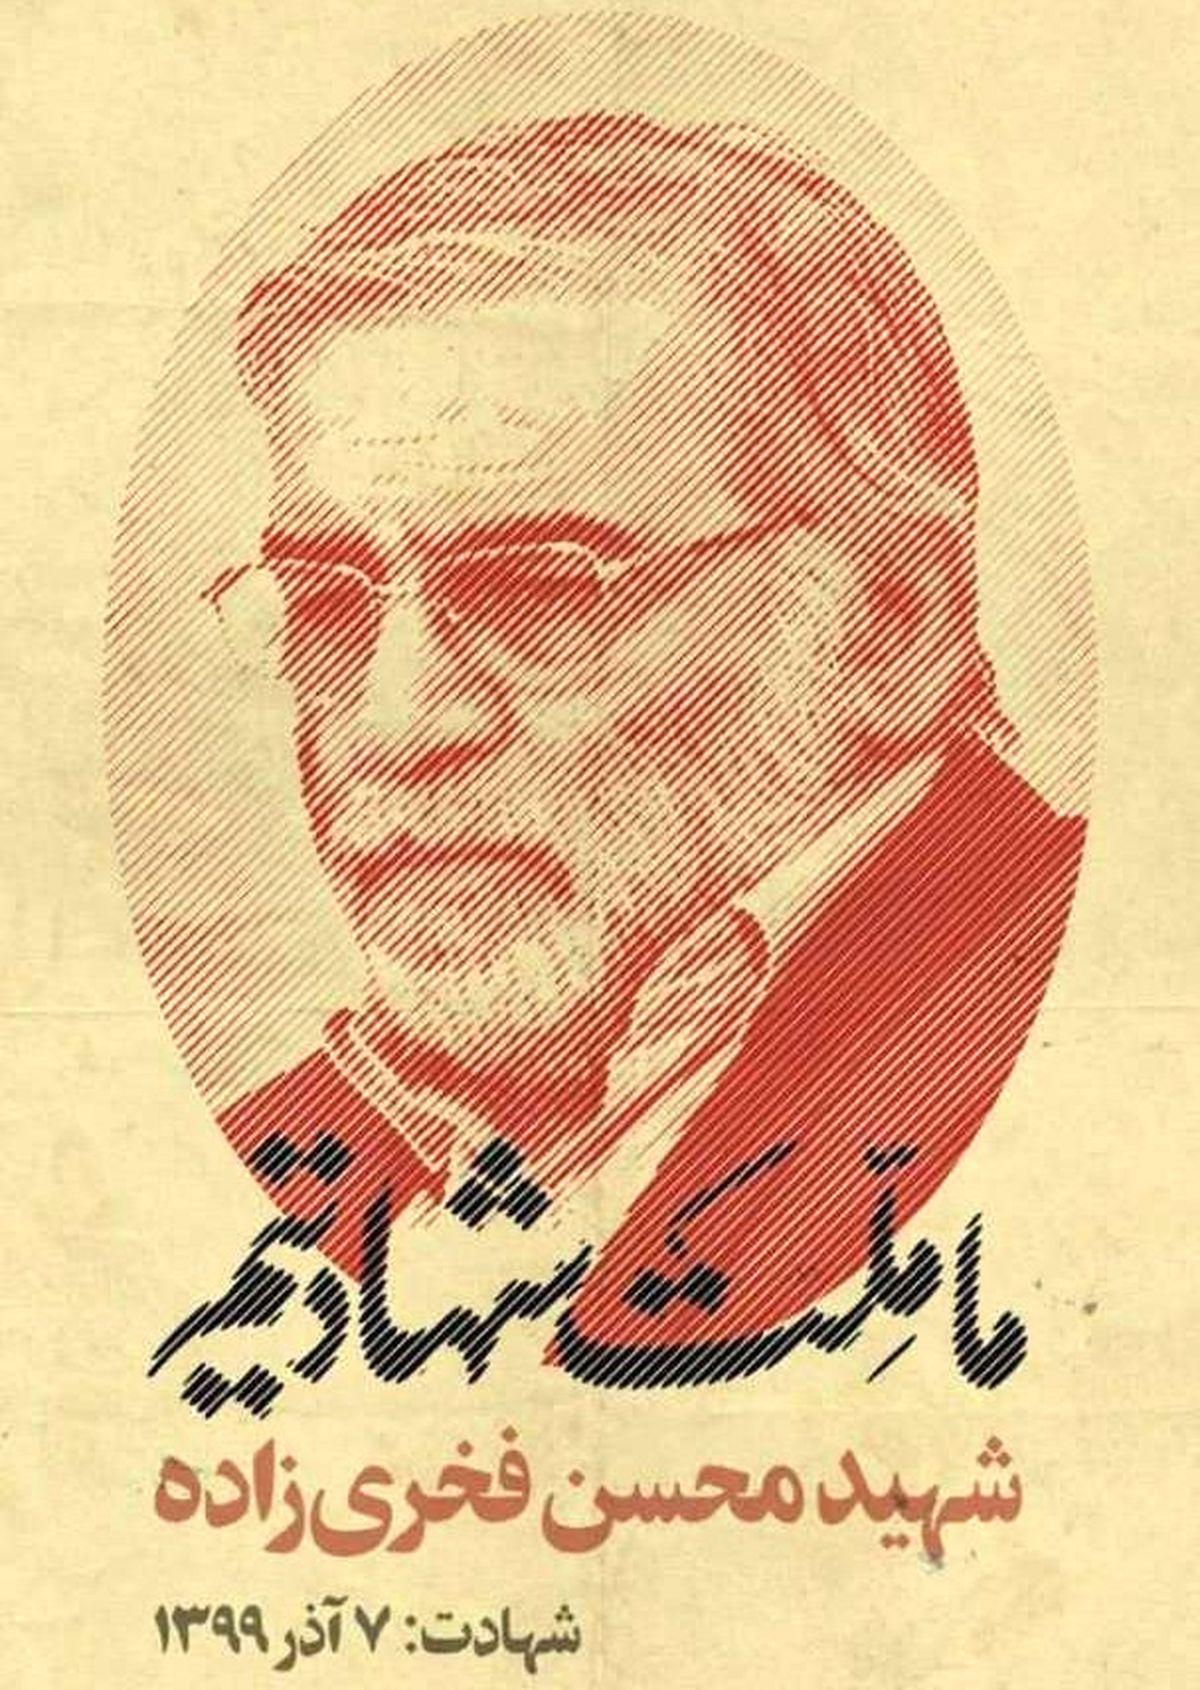 پیام مدیرعامل سازمان منطقه آزاد چابهار در پی شهادت محسن فخری زاده